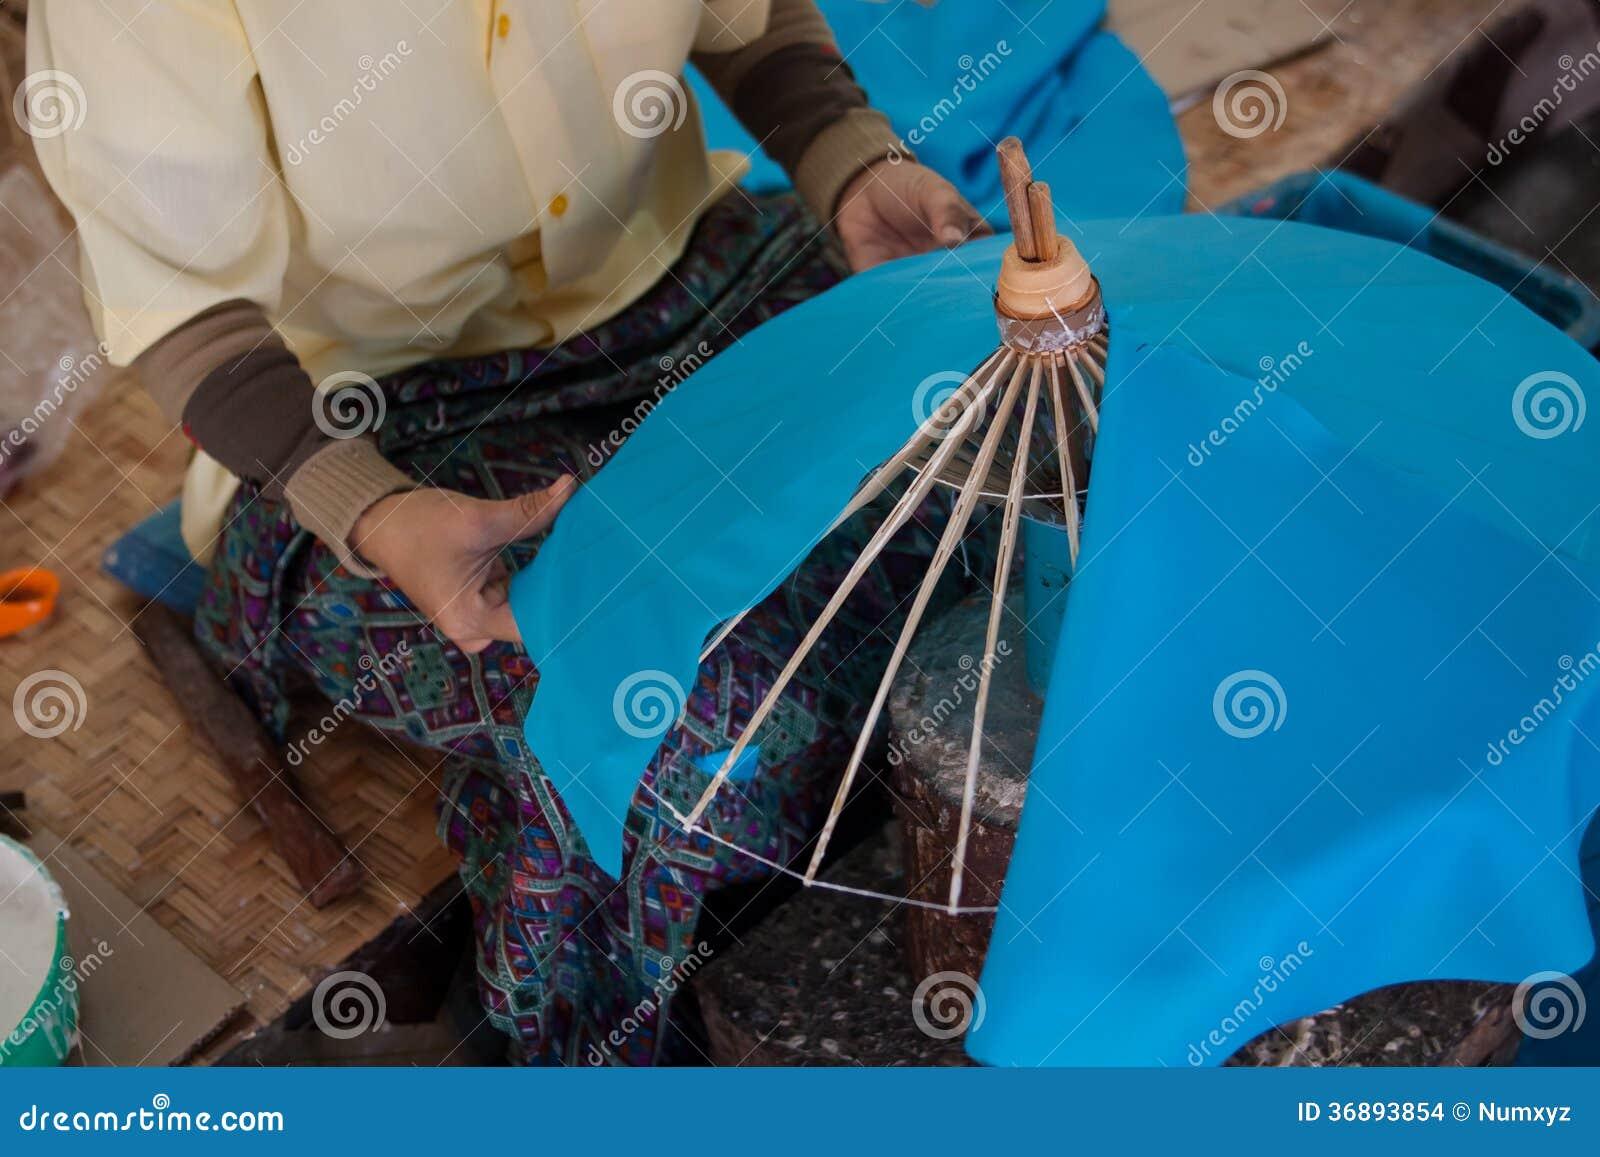 Download L'ombrello Ha Fatto La Carta Della Forma Fotografia Stock - Immagine di asia, mestiere: 36893854